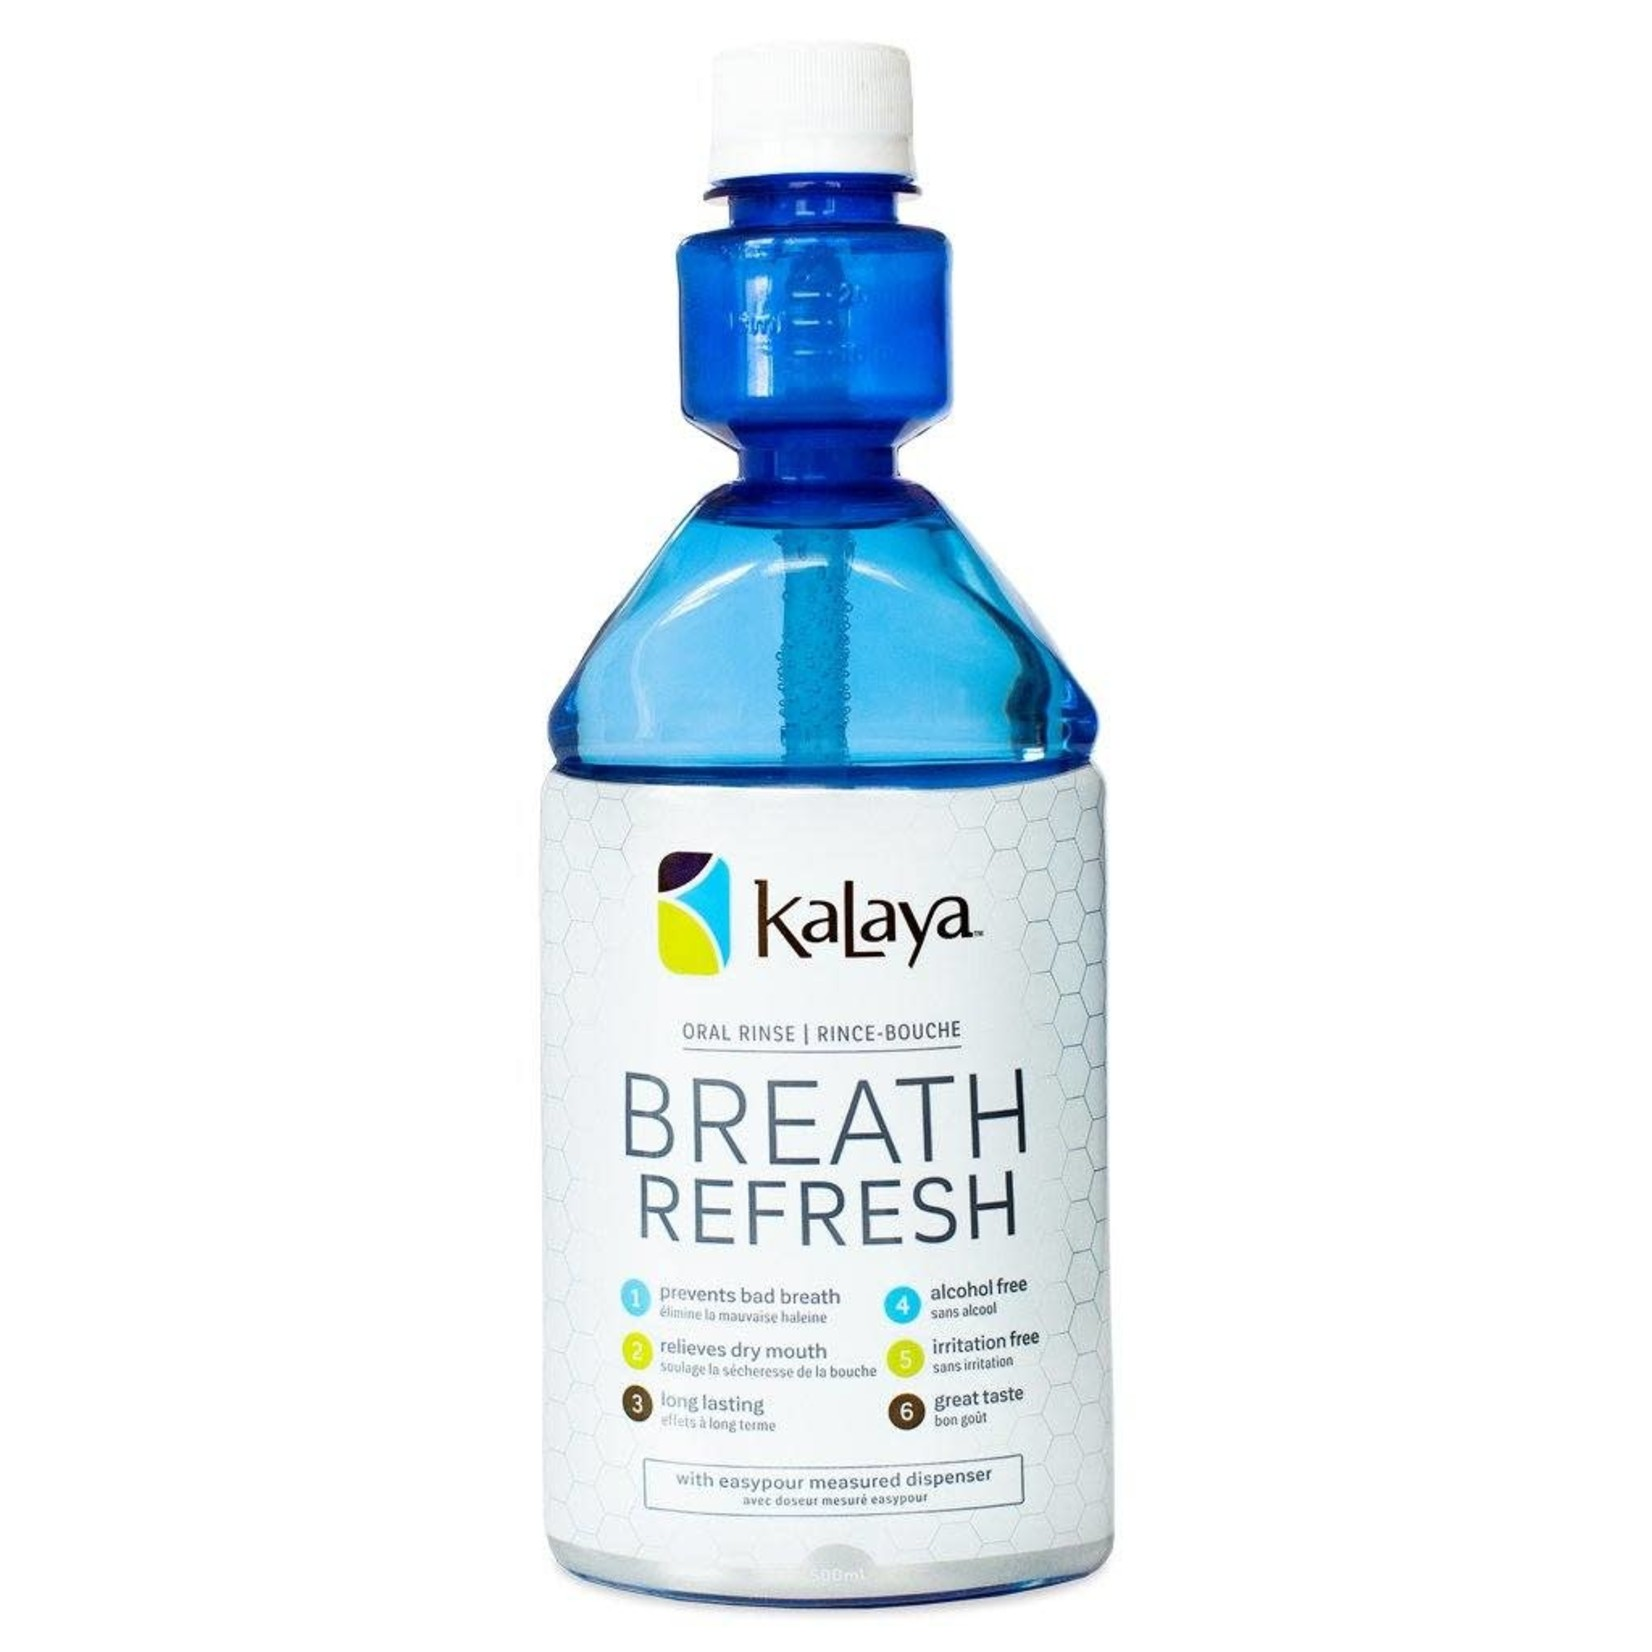 Kalaya Kalaya Breathe Refresh Oral Rinse 500ml